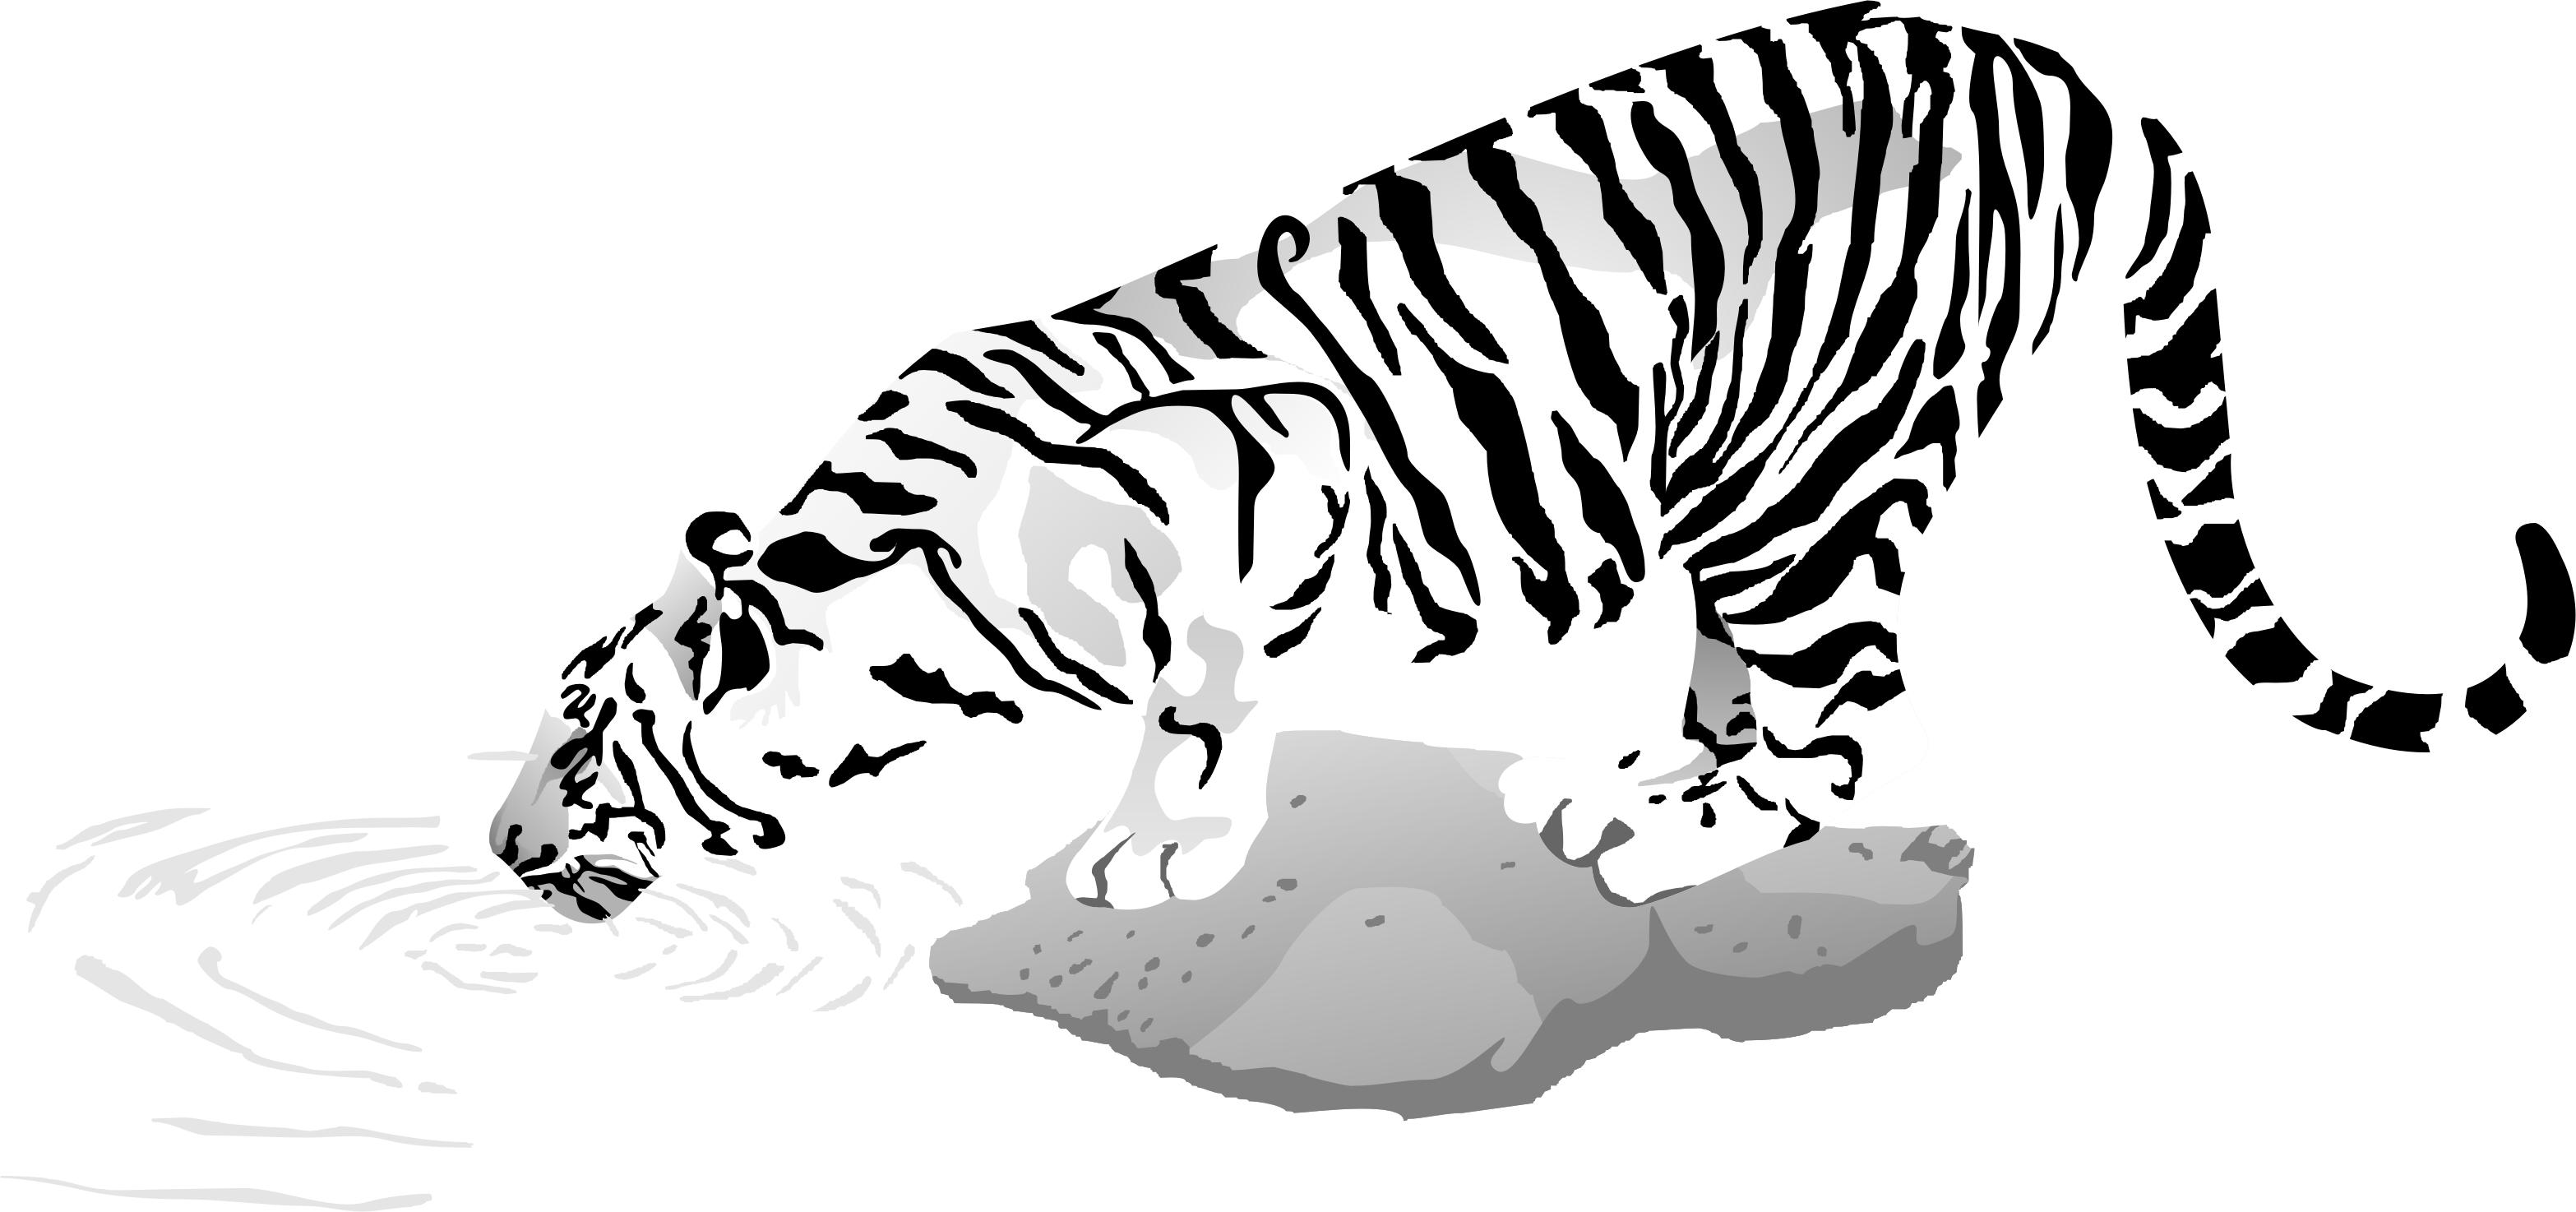 картинка белый тигр на прозрачном фоне идут римские цифры